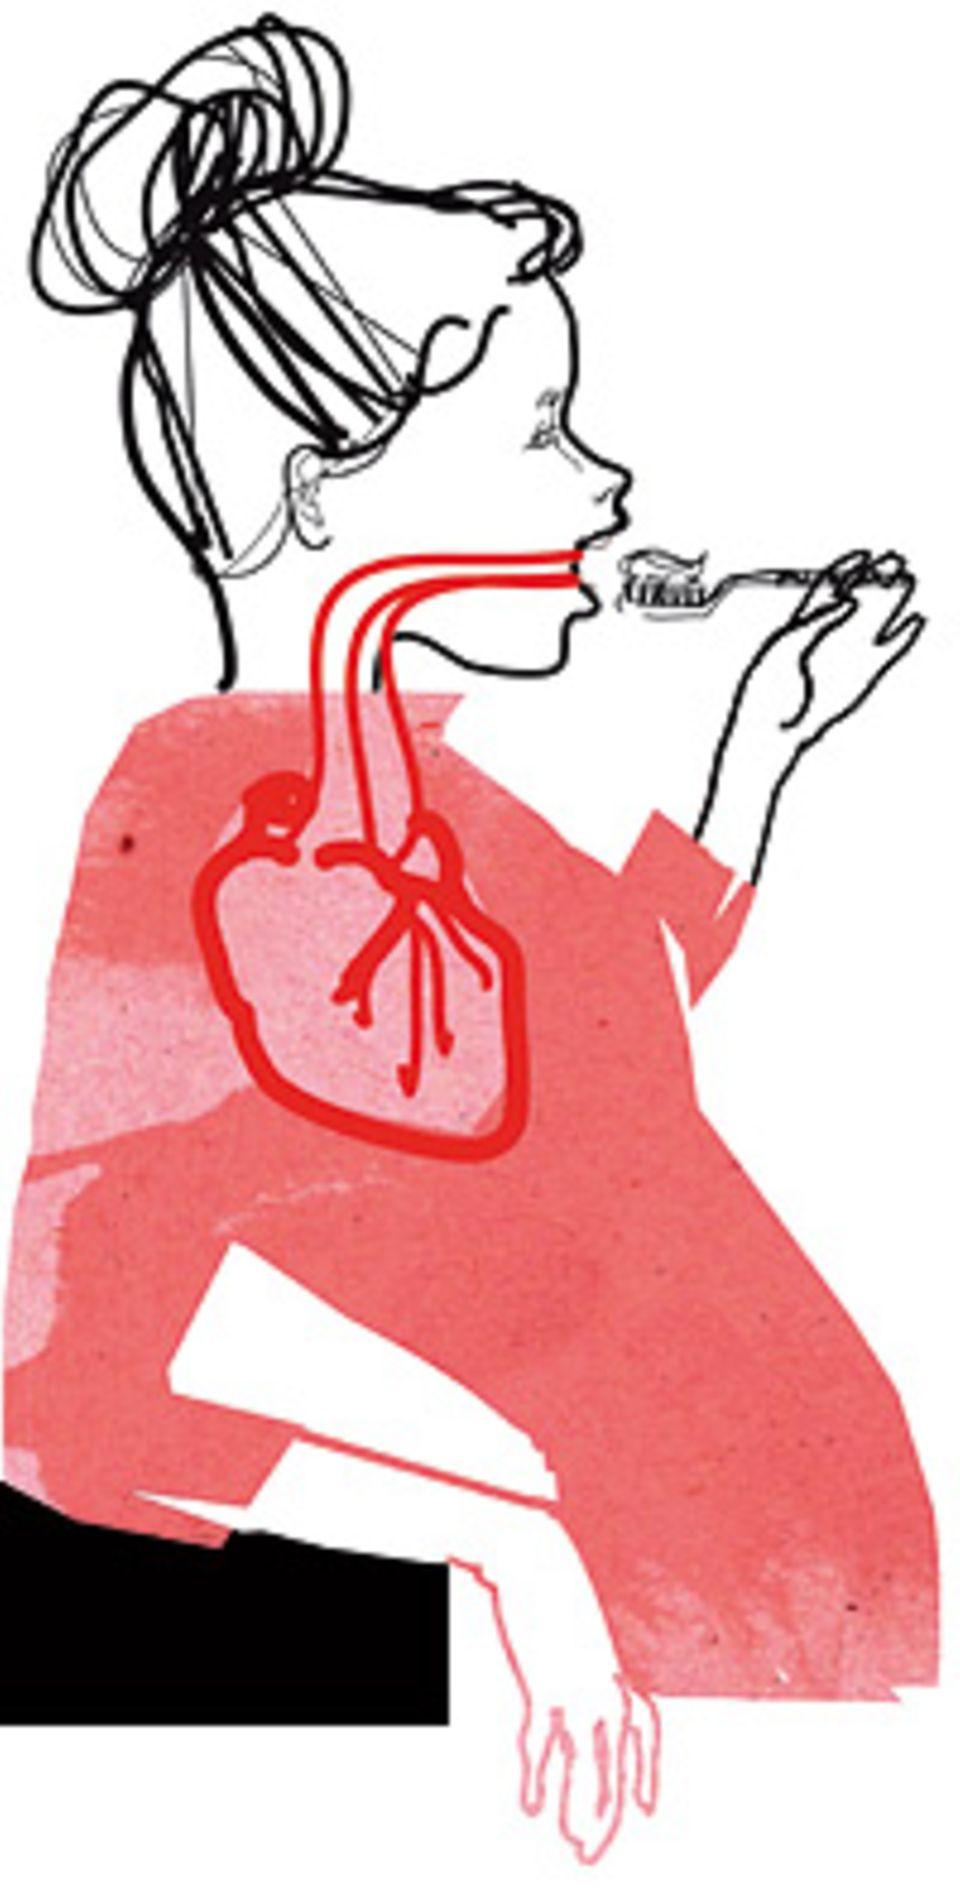 Herzkrankheiten: Wer seine Zähne penibel sauber hält, senkt das Risiko eines Herzinfarkts deutlich